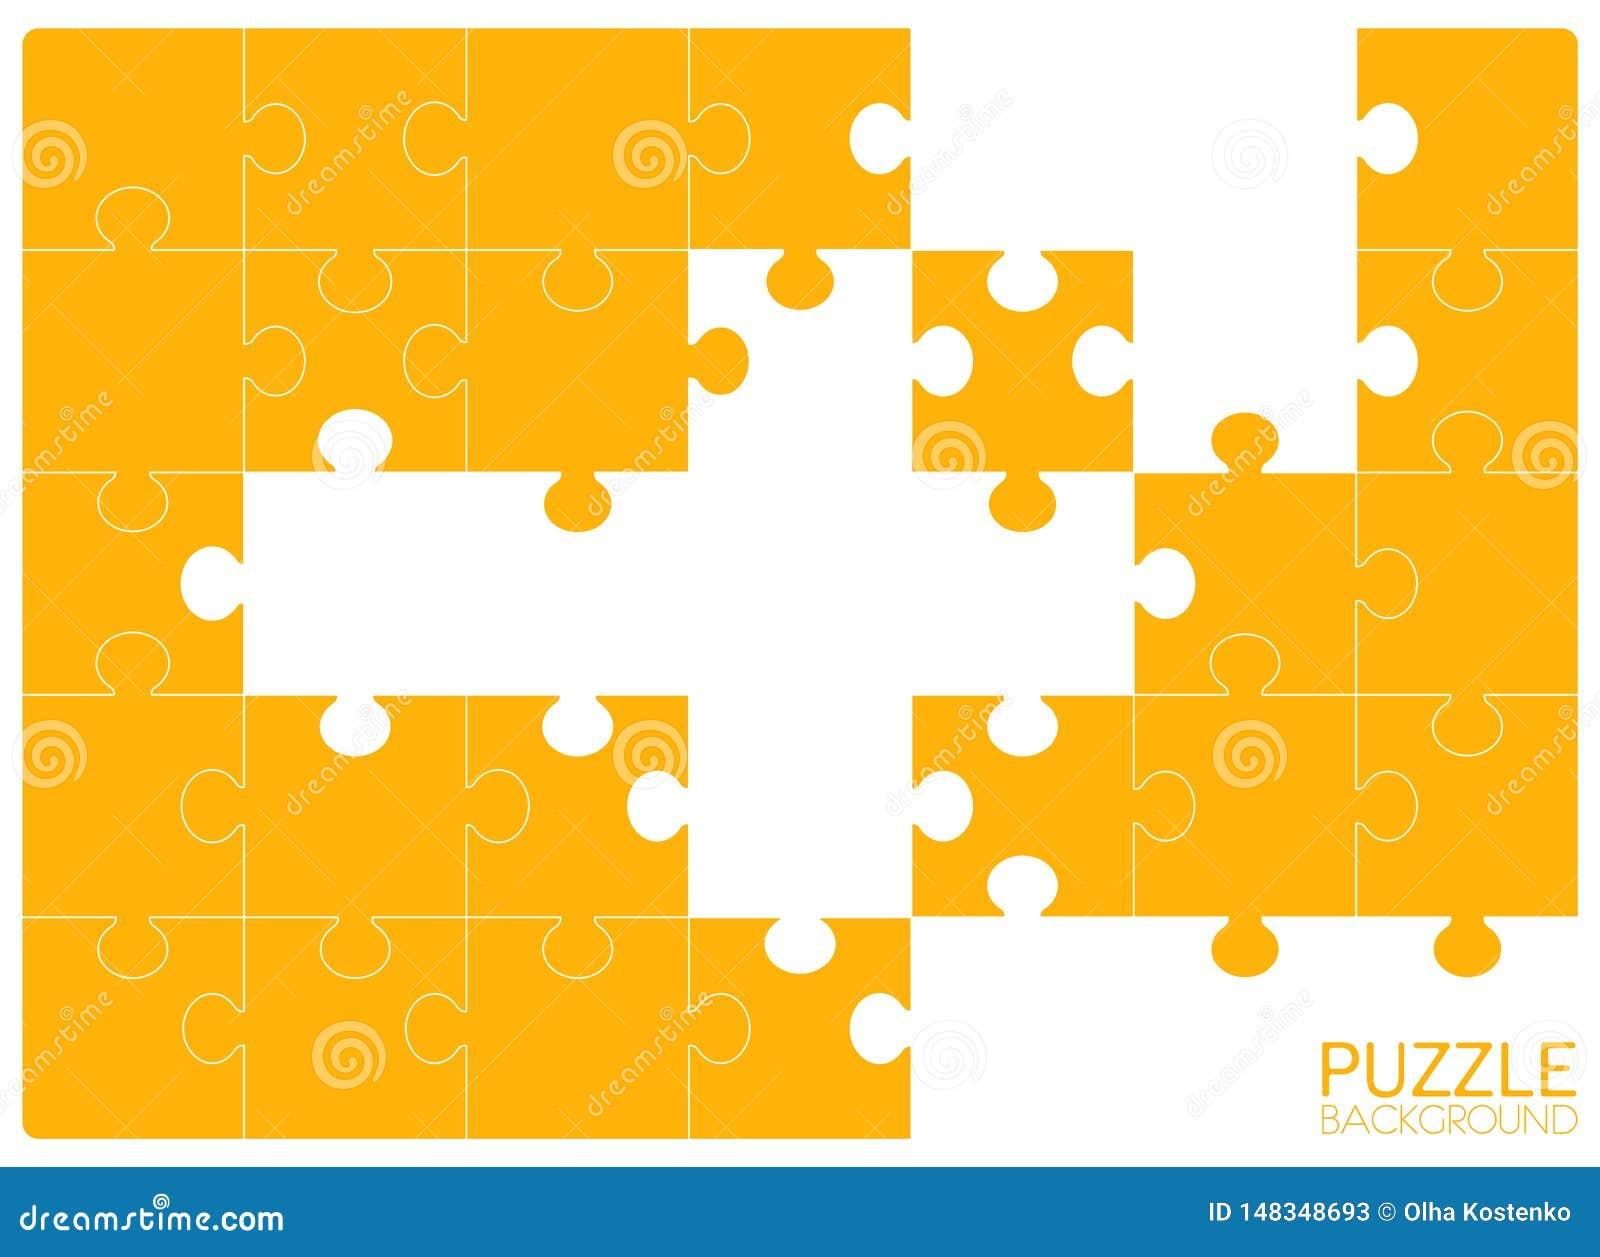 Puzzel 24 stukken, zonder sommige stukken